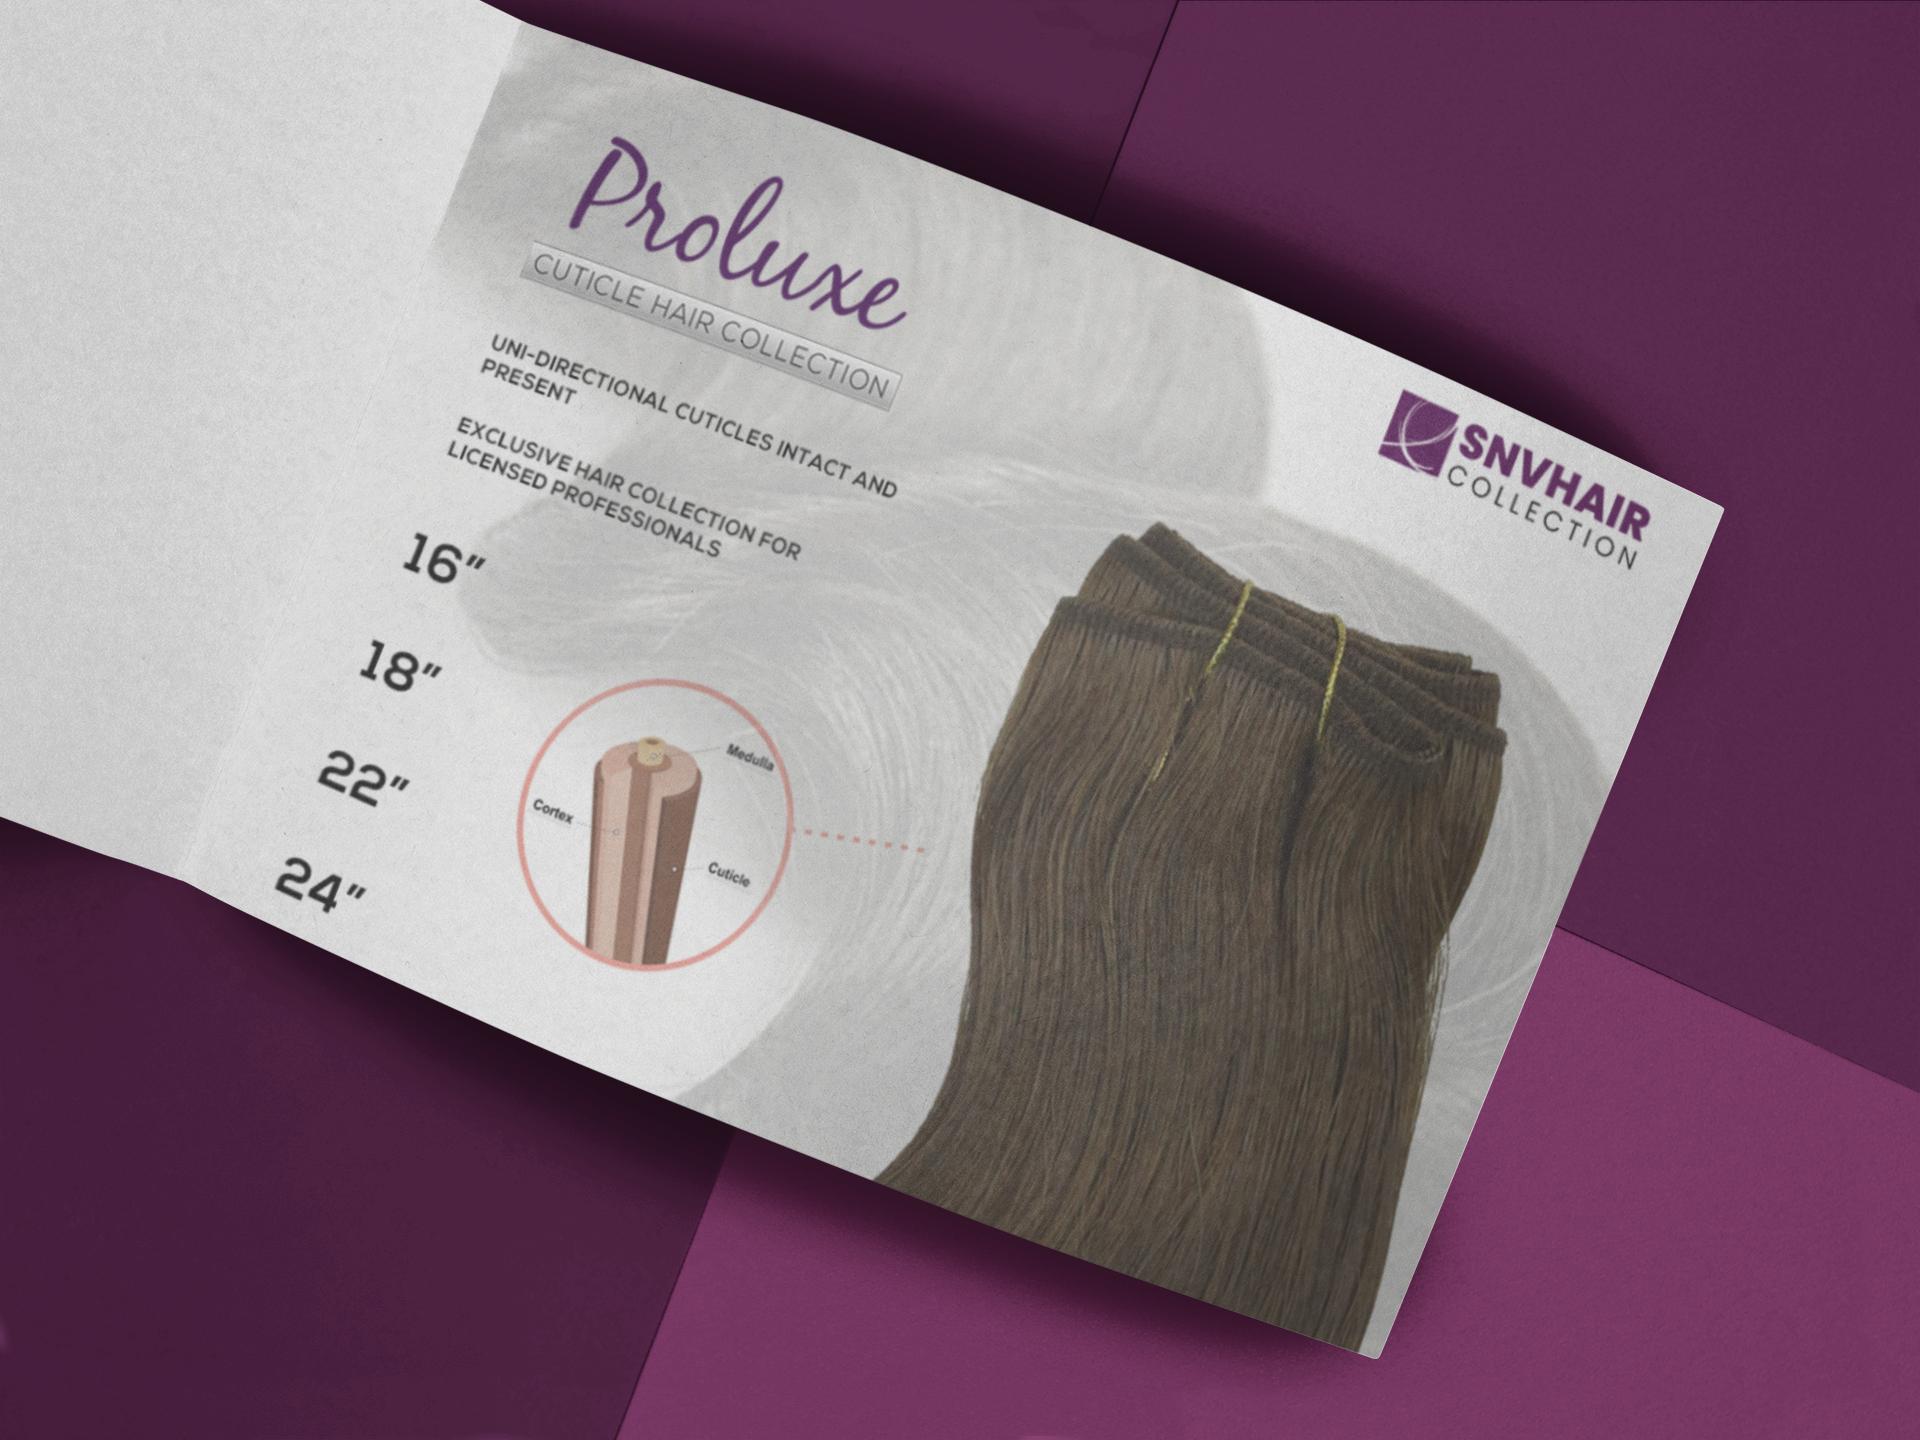 Proluxe Hair Collection